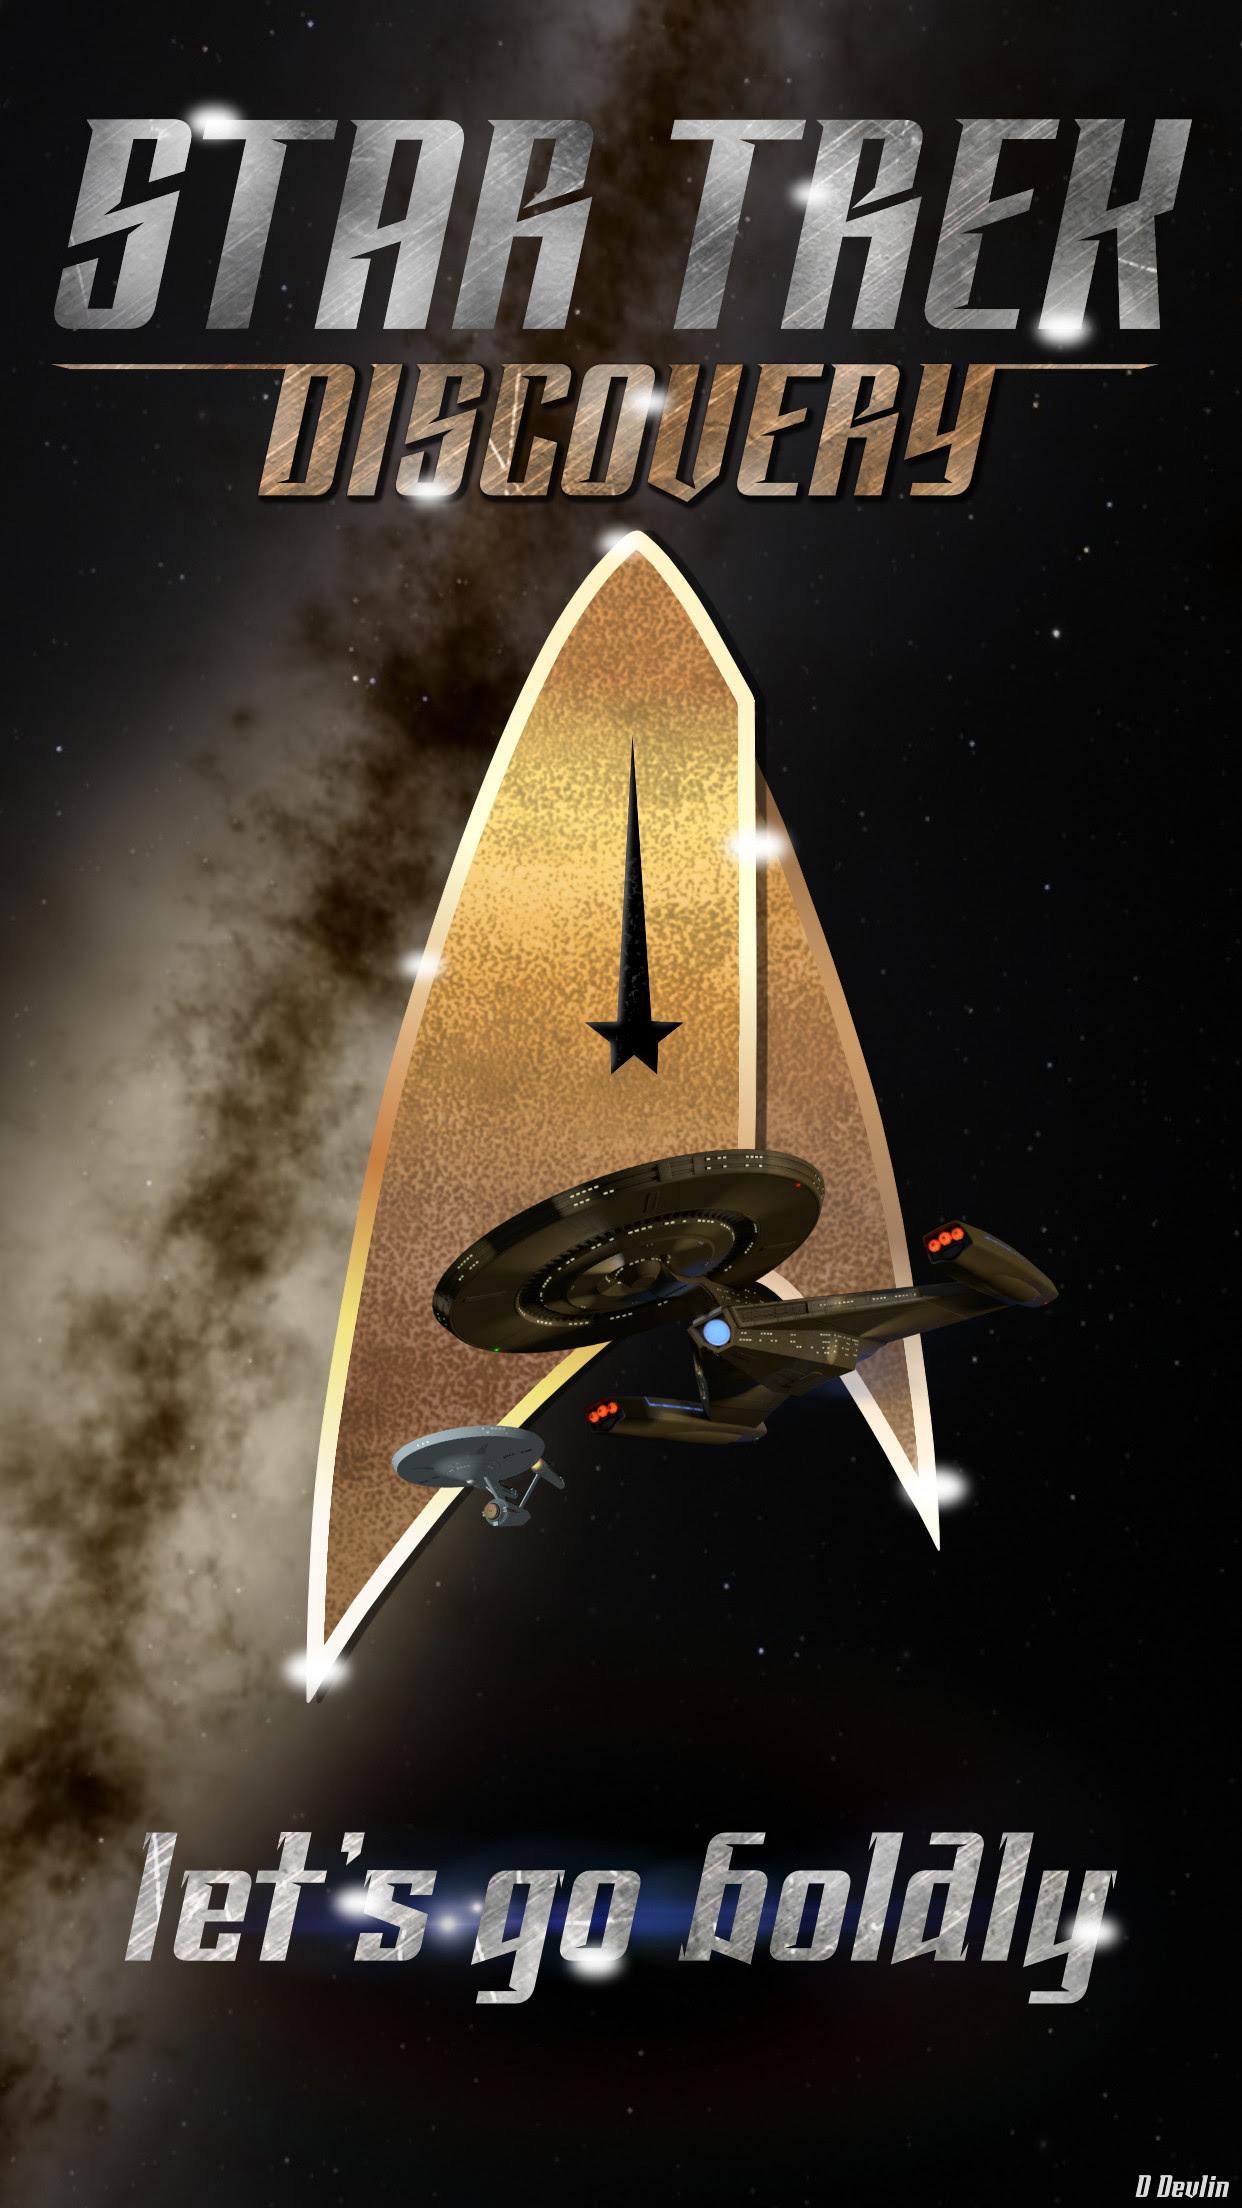 Star Trek Iphone Wallpaper 80 Images